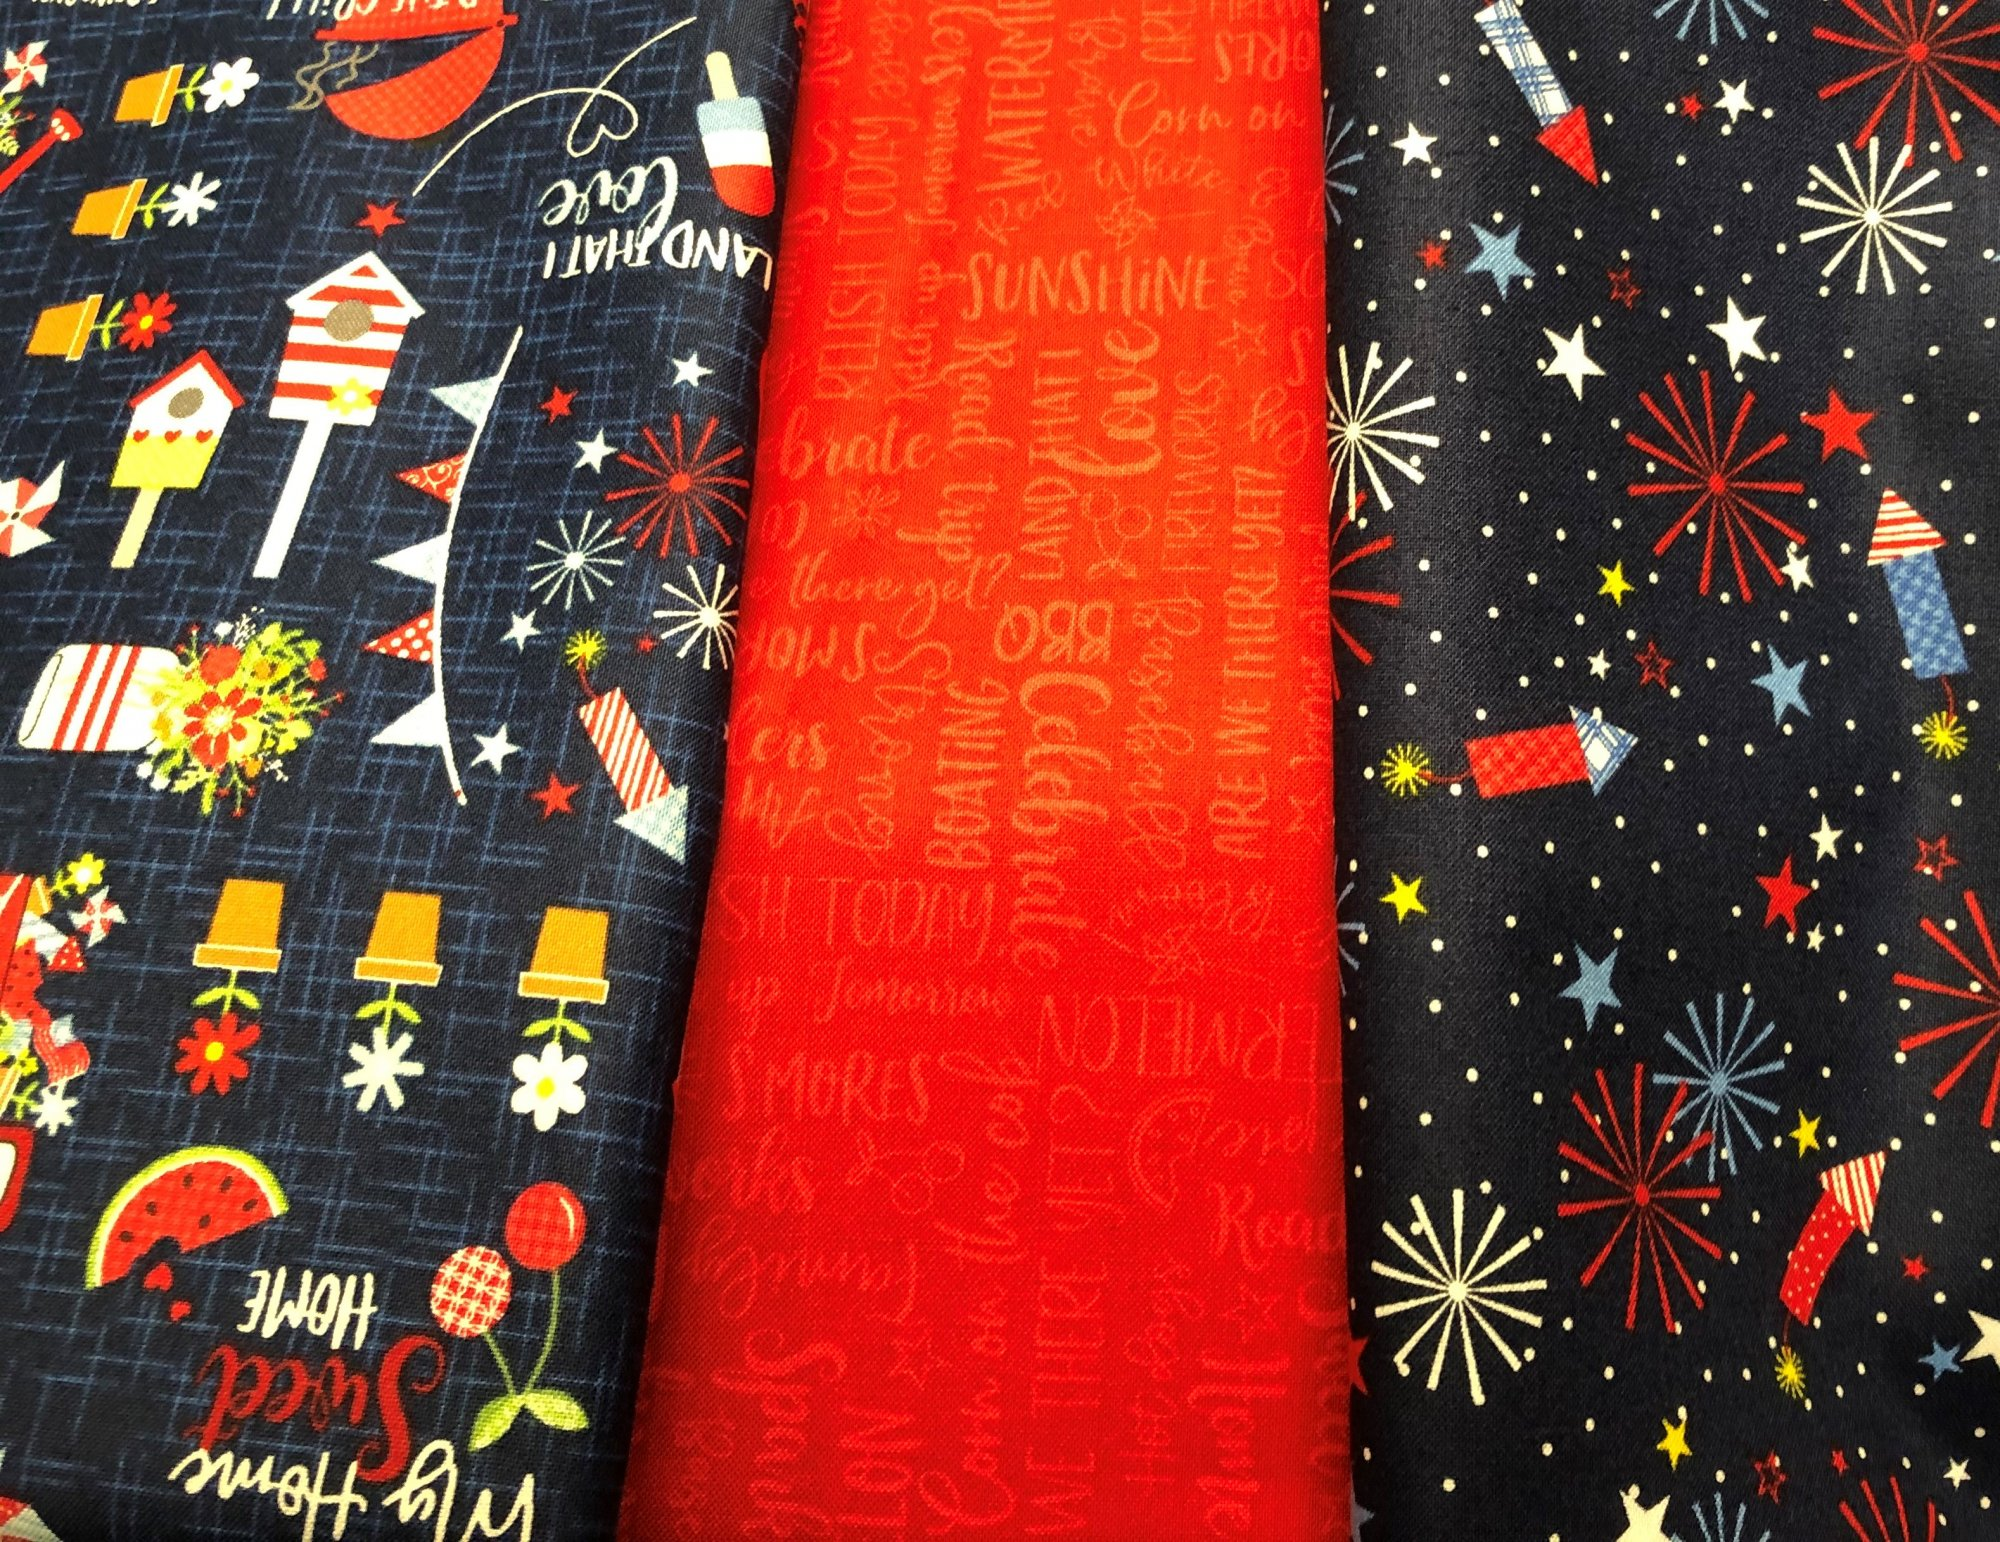 FB W 24 Fireworks at Night 3 Yard Kits